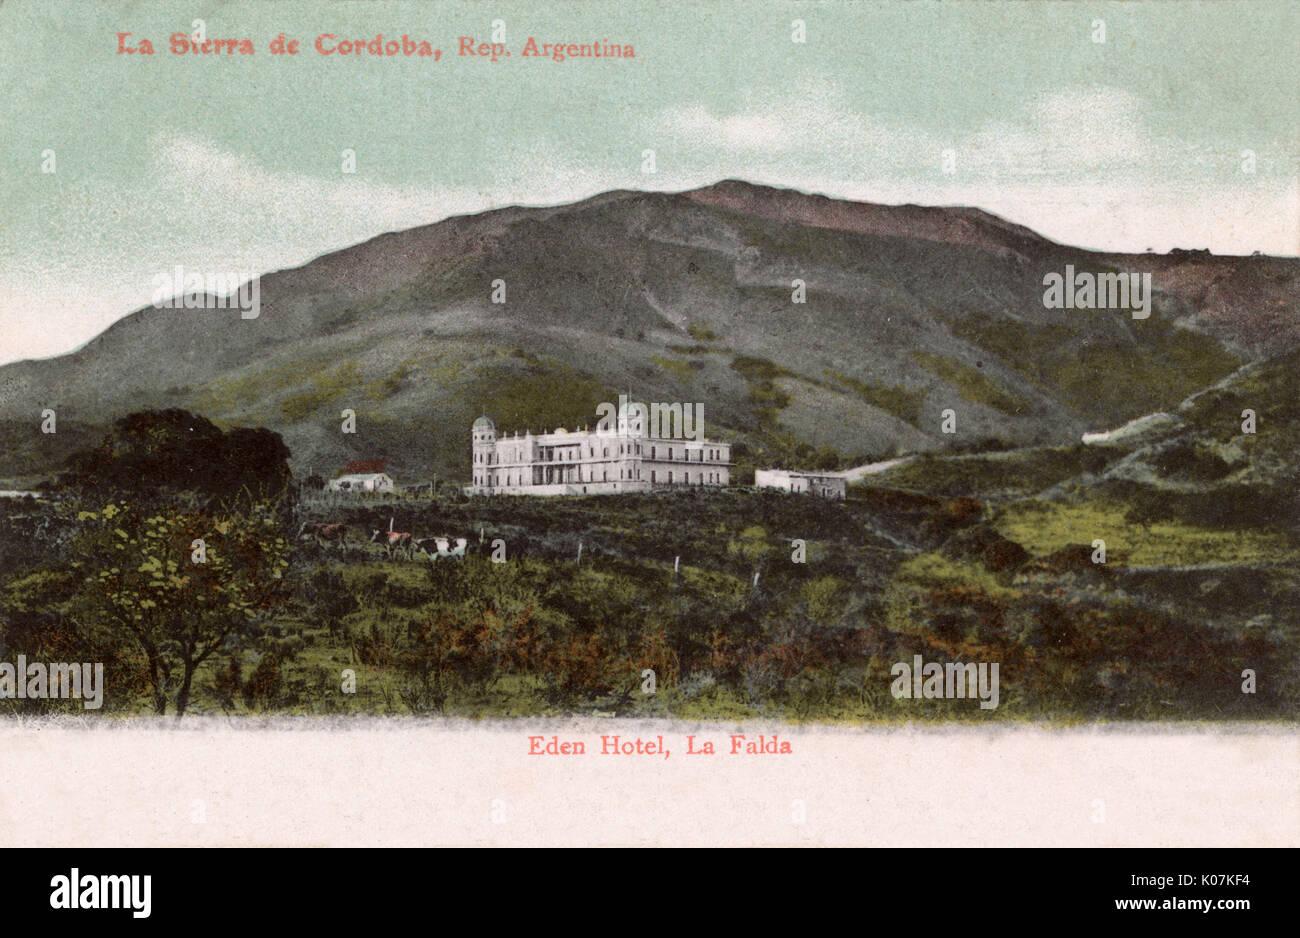 Hotel Eden, La Falda, Argentina, Sudamérica -- construido por un hotelero  alemán, asociado con el Partido Nazi, cayó en desuso, pero ahora está  parcialmente restaurado y reinaugurado como destino turístico. Fecha: circa